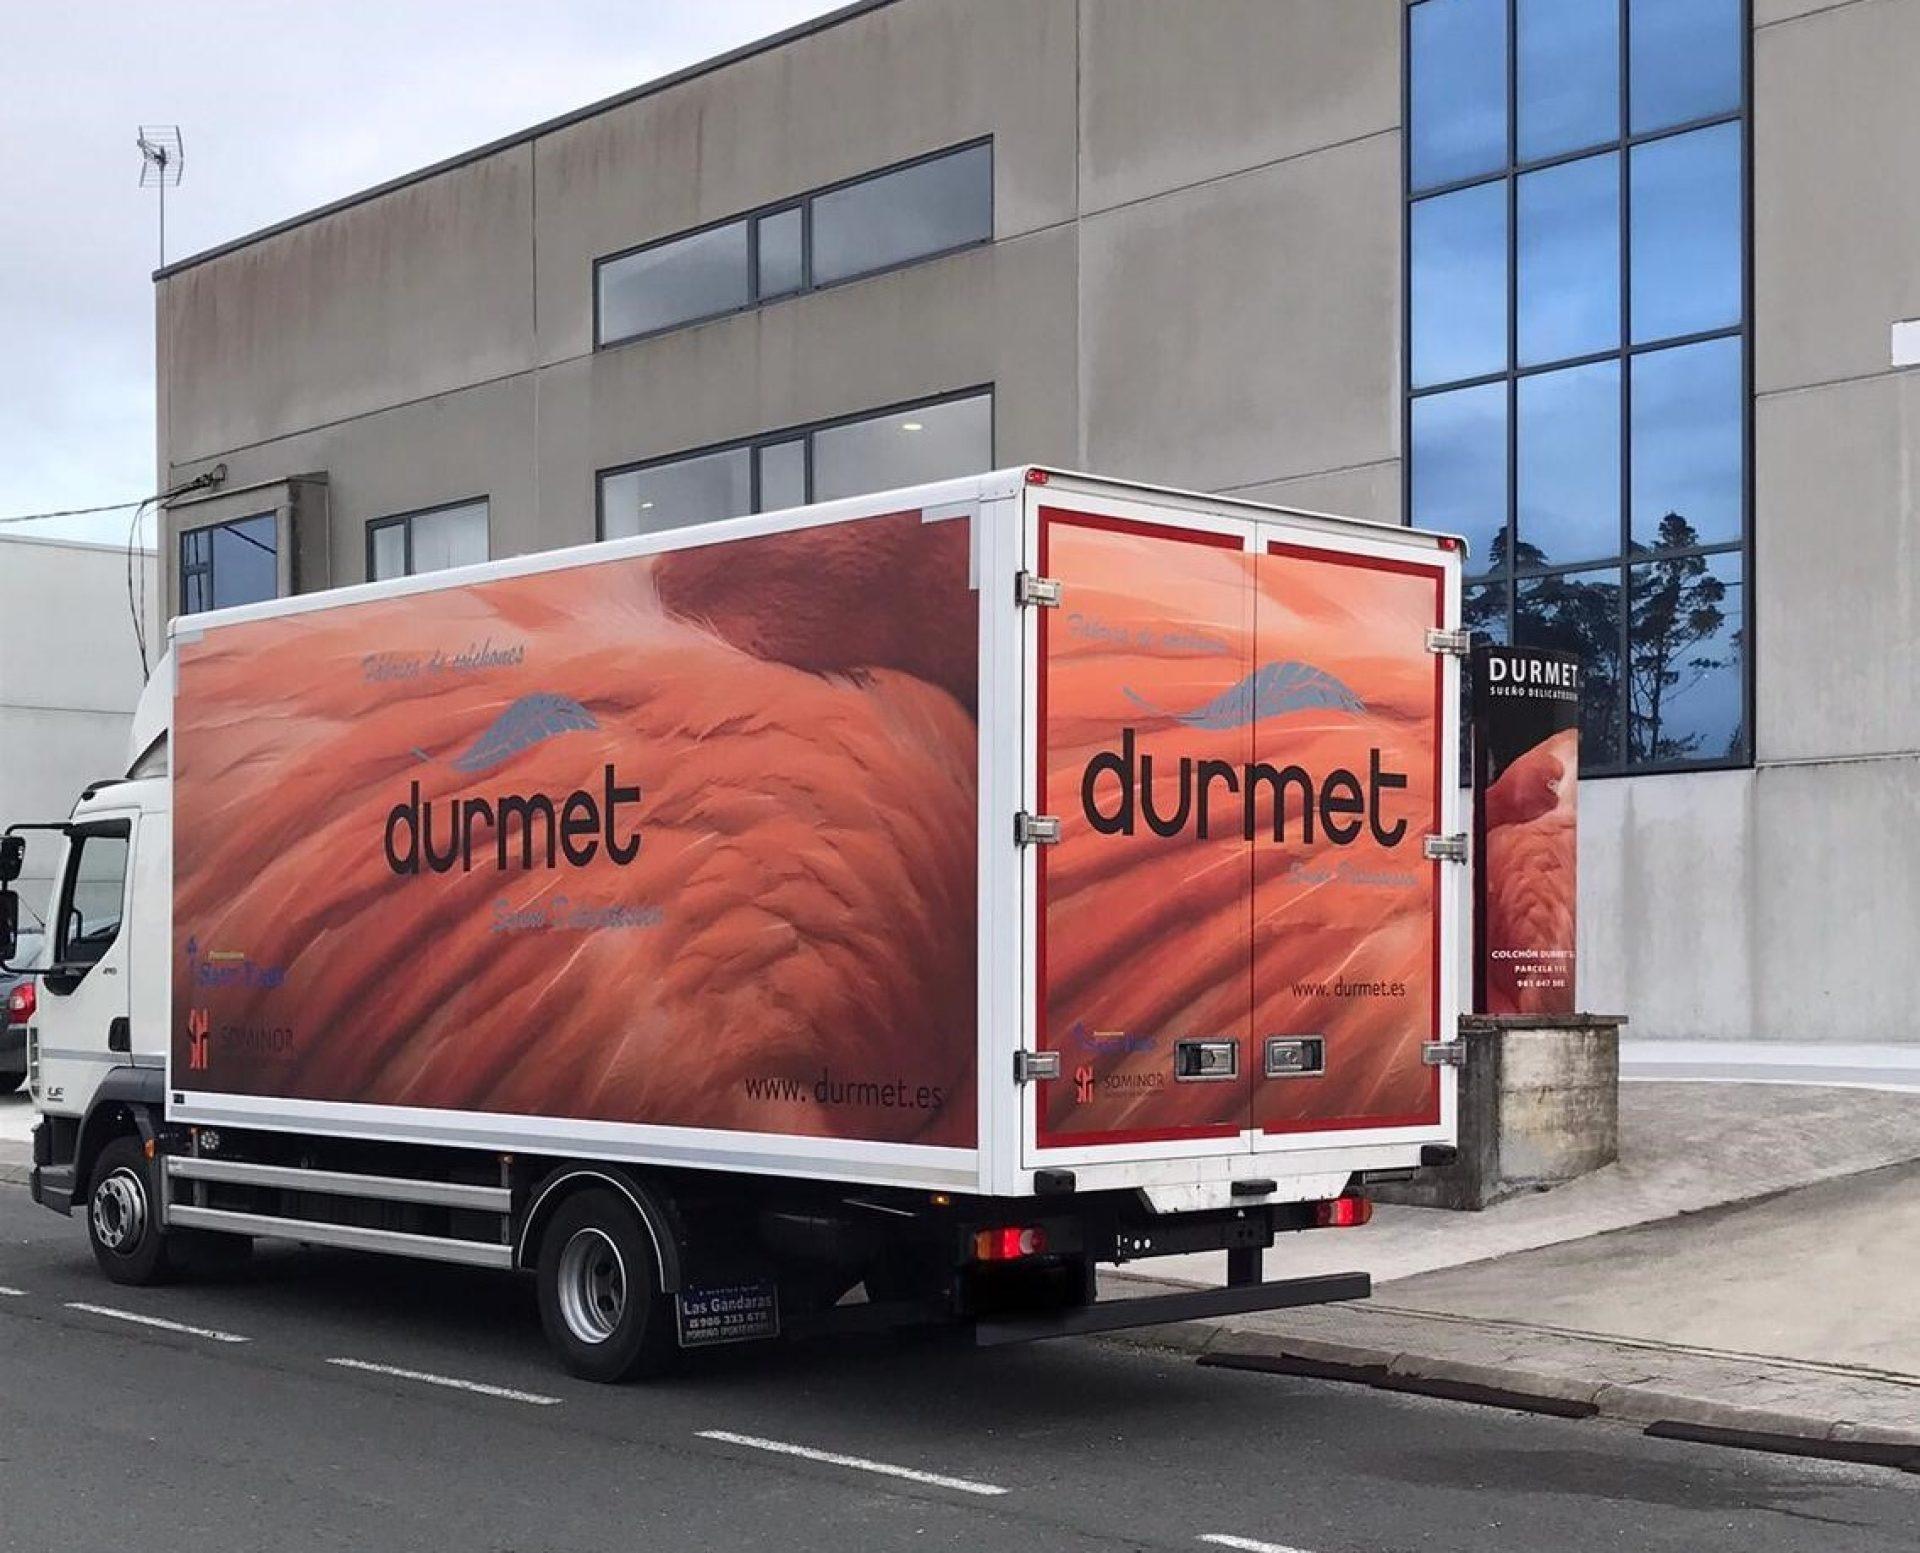 camión durmet